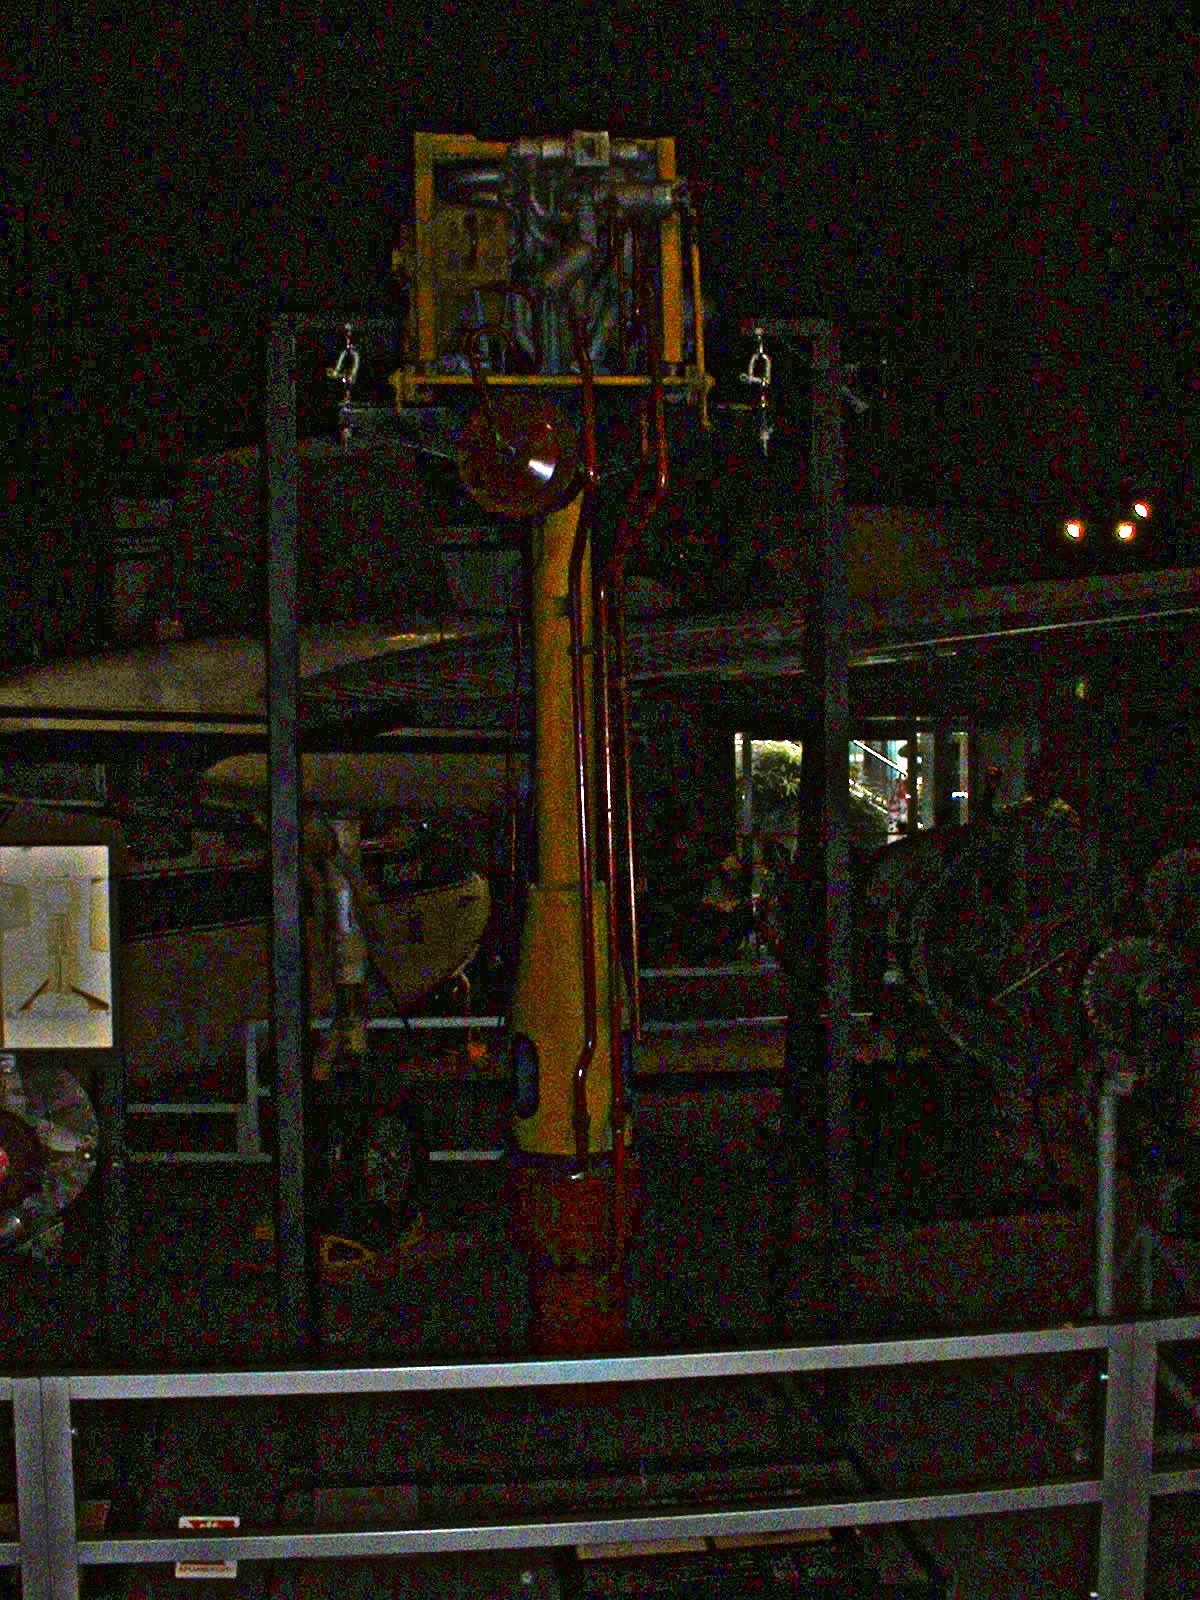 2013年12月08日 大阪港区「交通科学館』所蔵 「Me163 ロケットエンジン 」撮影Doburoku-TAO.JPG